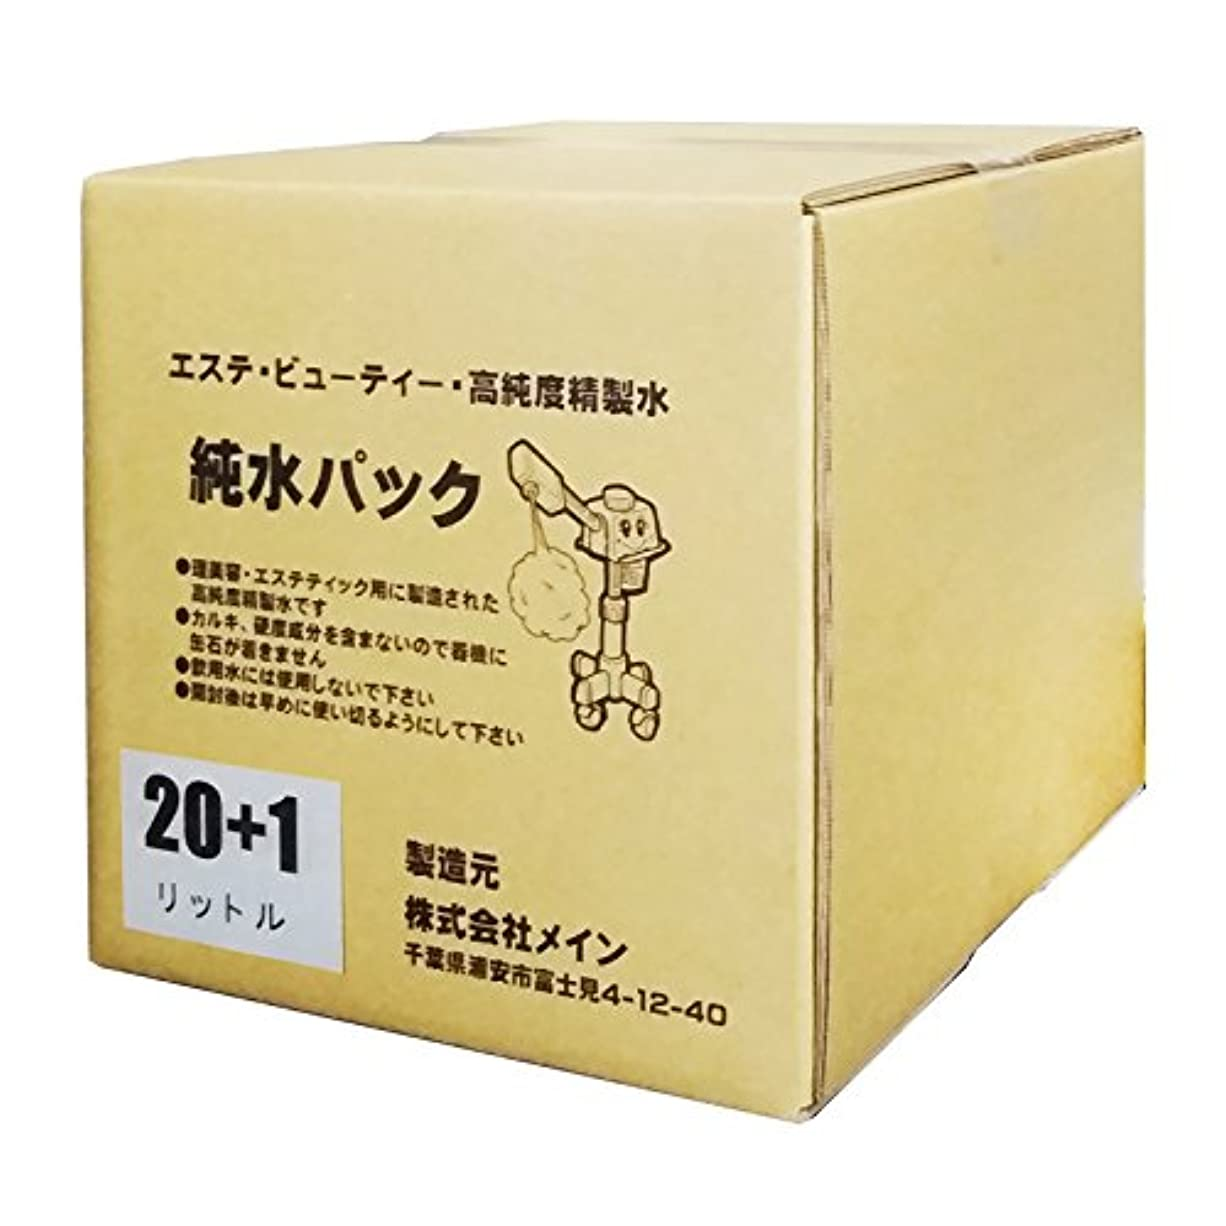 理想的には以上ペンダント増量中 21L 高純度 精製水 20 L + 1L 純水パック コック付 日本製 エステ スチーマー (1個)